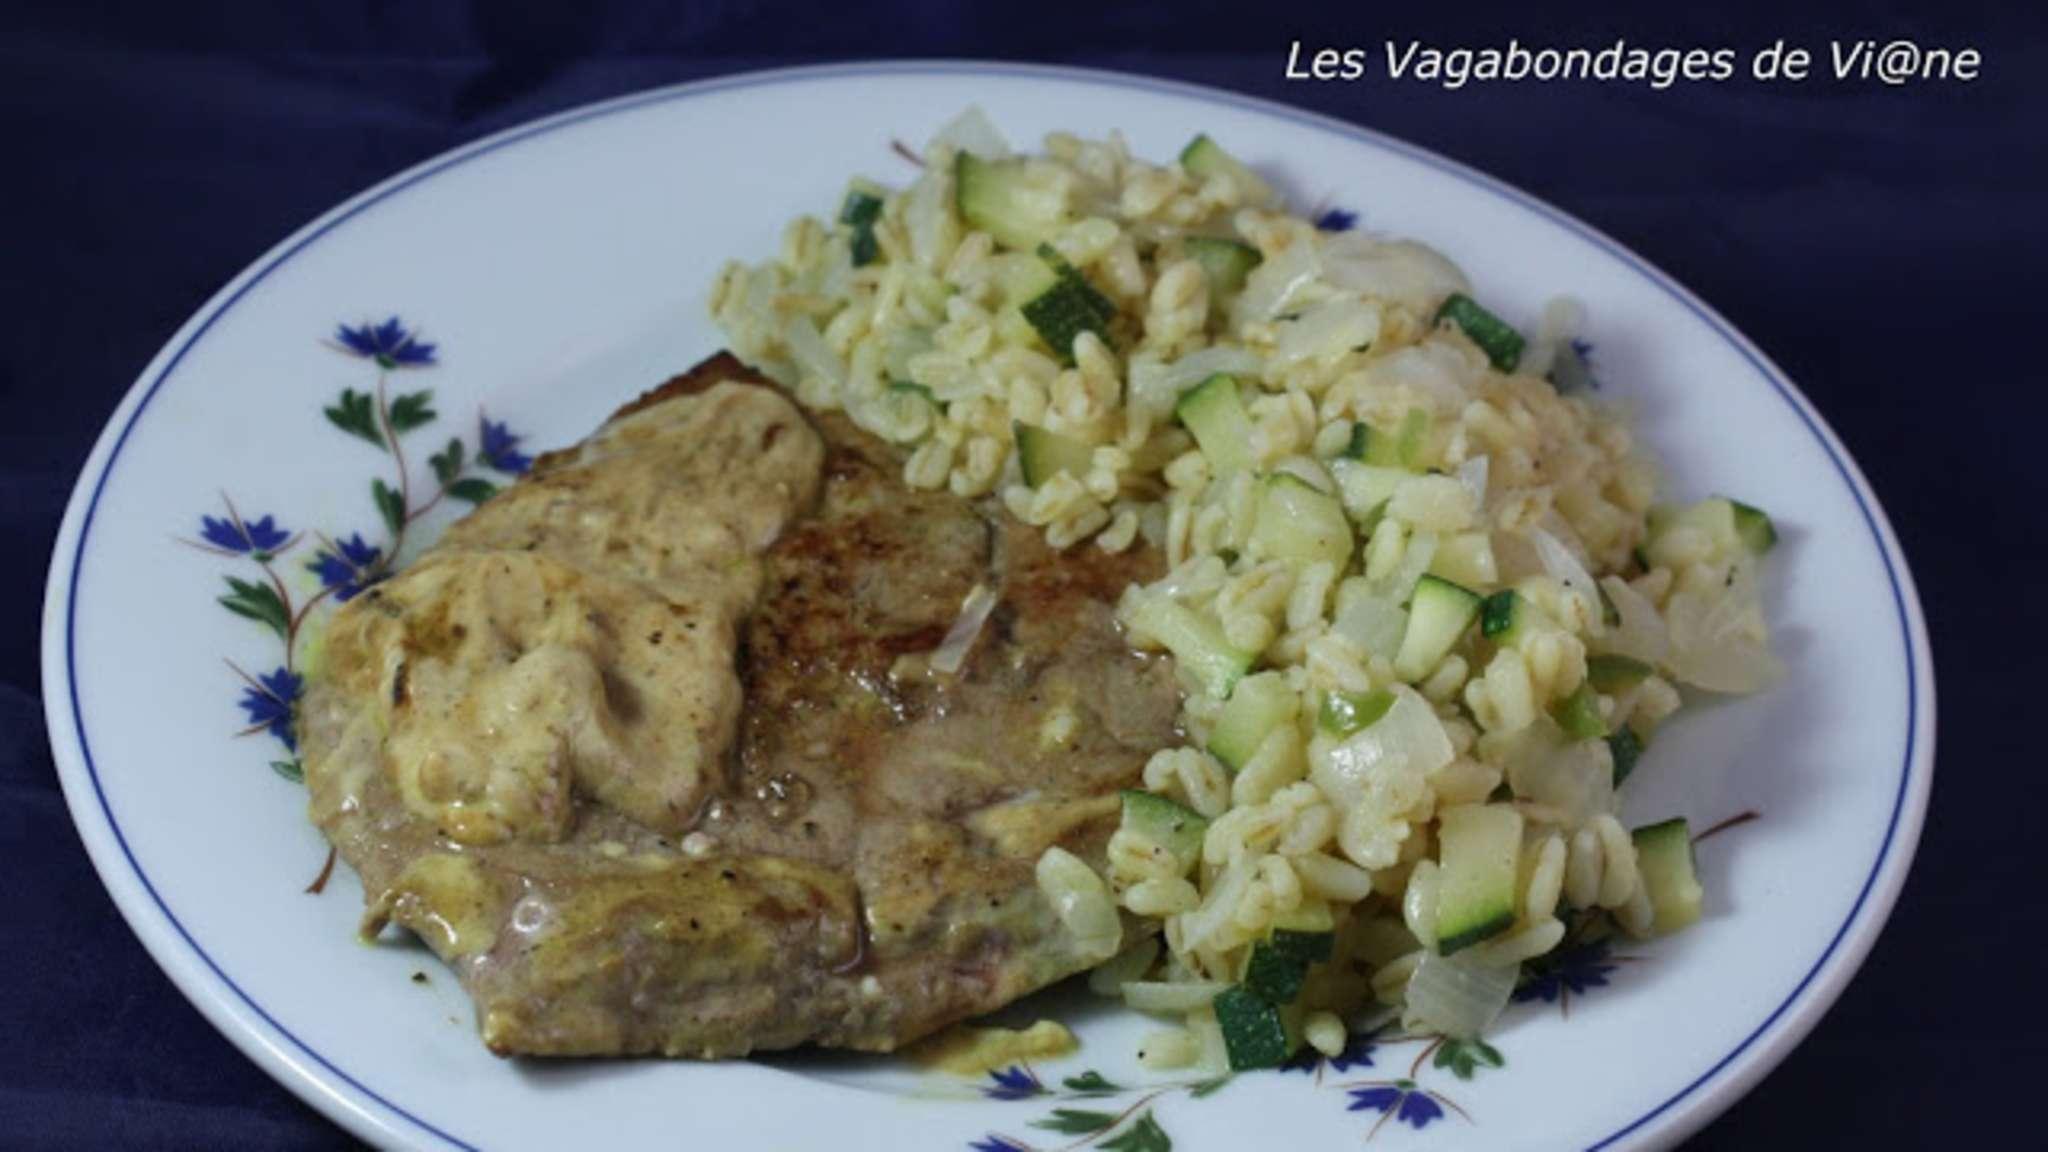 Foie de veau, sauce crème-moutarde, blé aux courgettes et piment